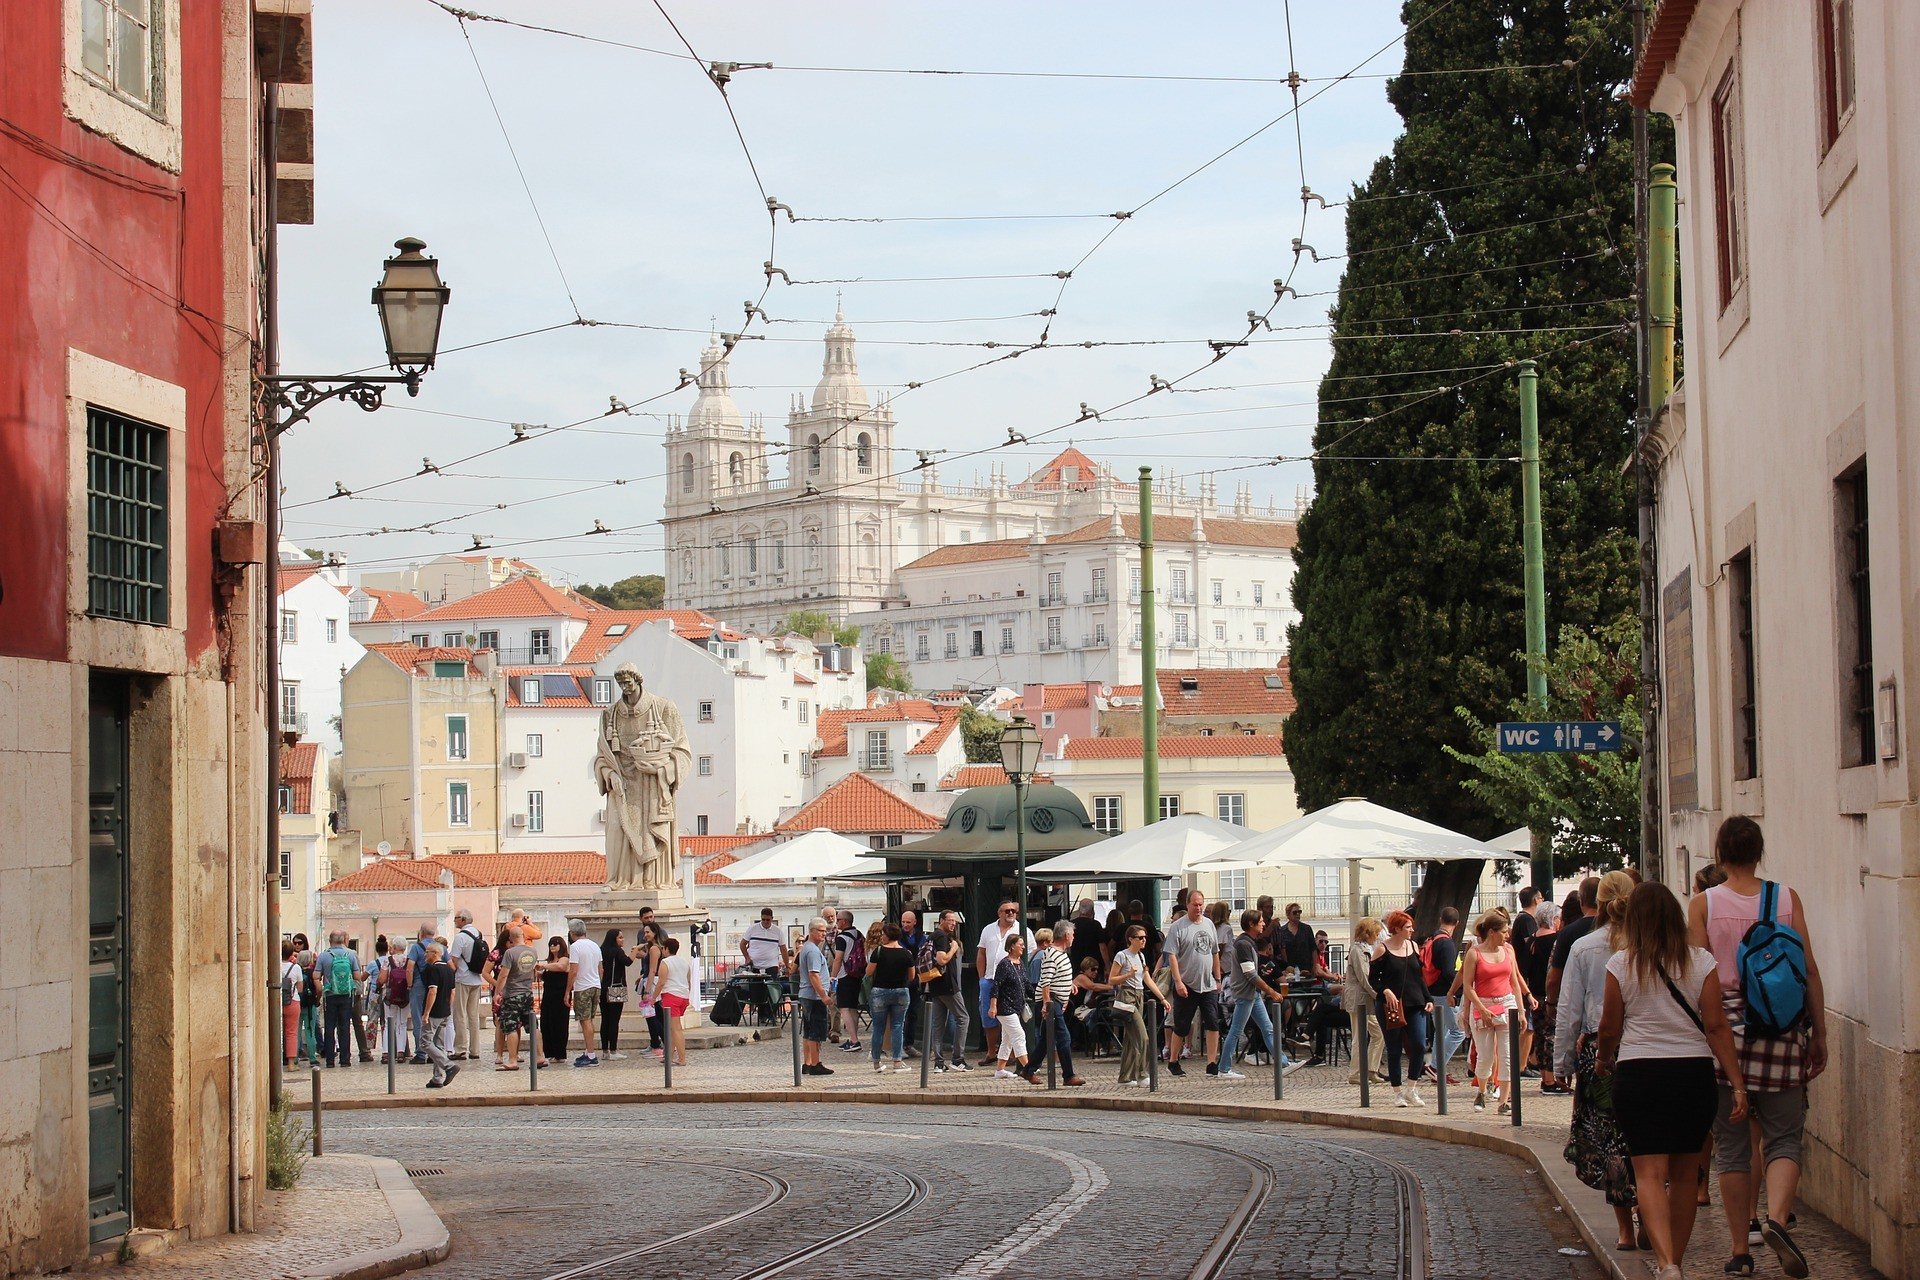 Gente paseando en un calle de Lisboa